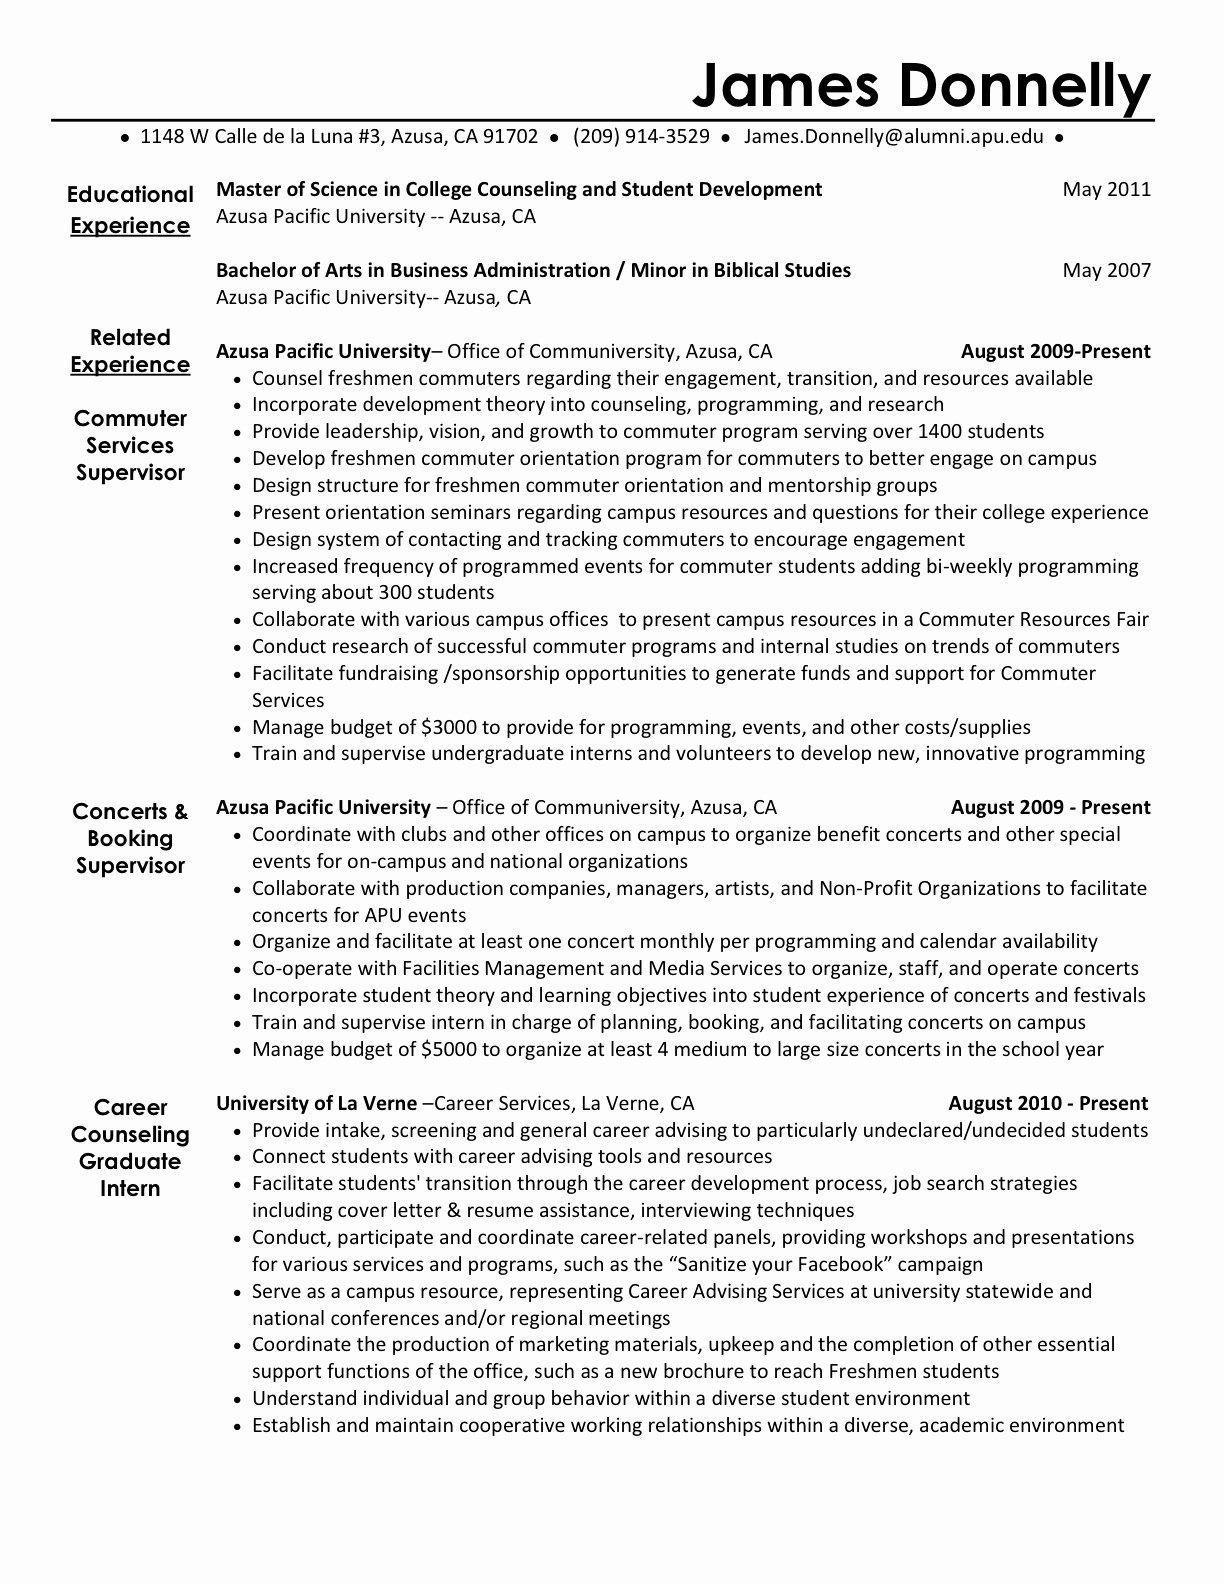 Activities Resume Template New Activities Resume